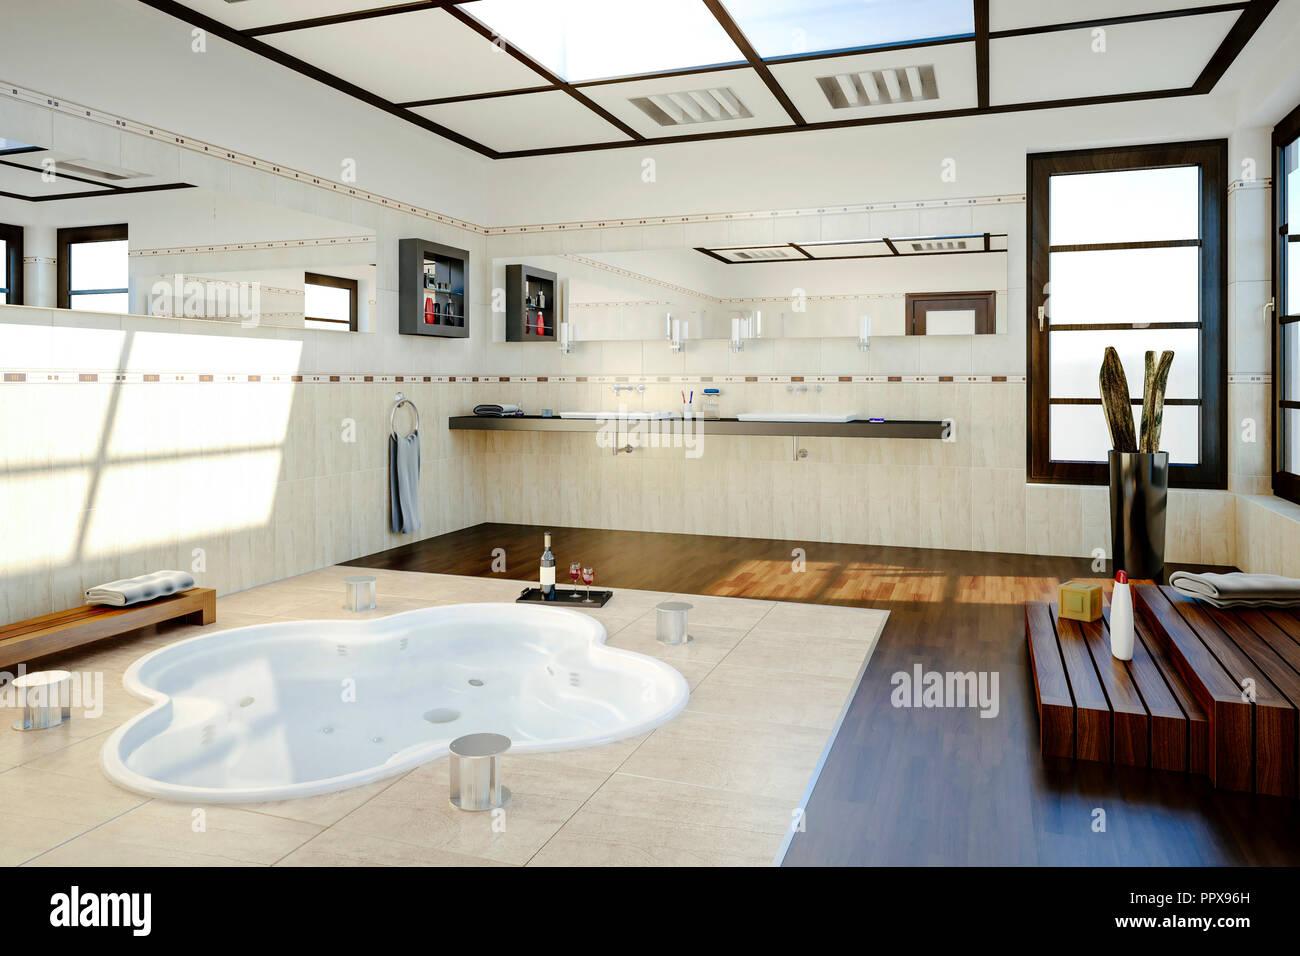 12D-Render von schönen Badezimmer mit Jacuzzi Stockfotografie - Alamy